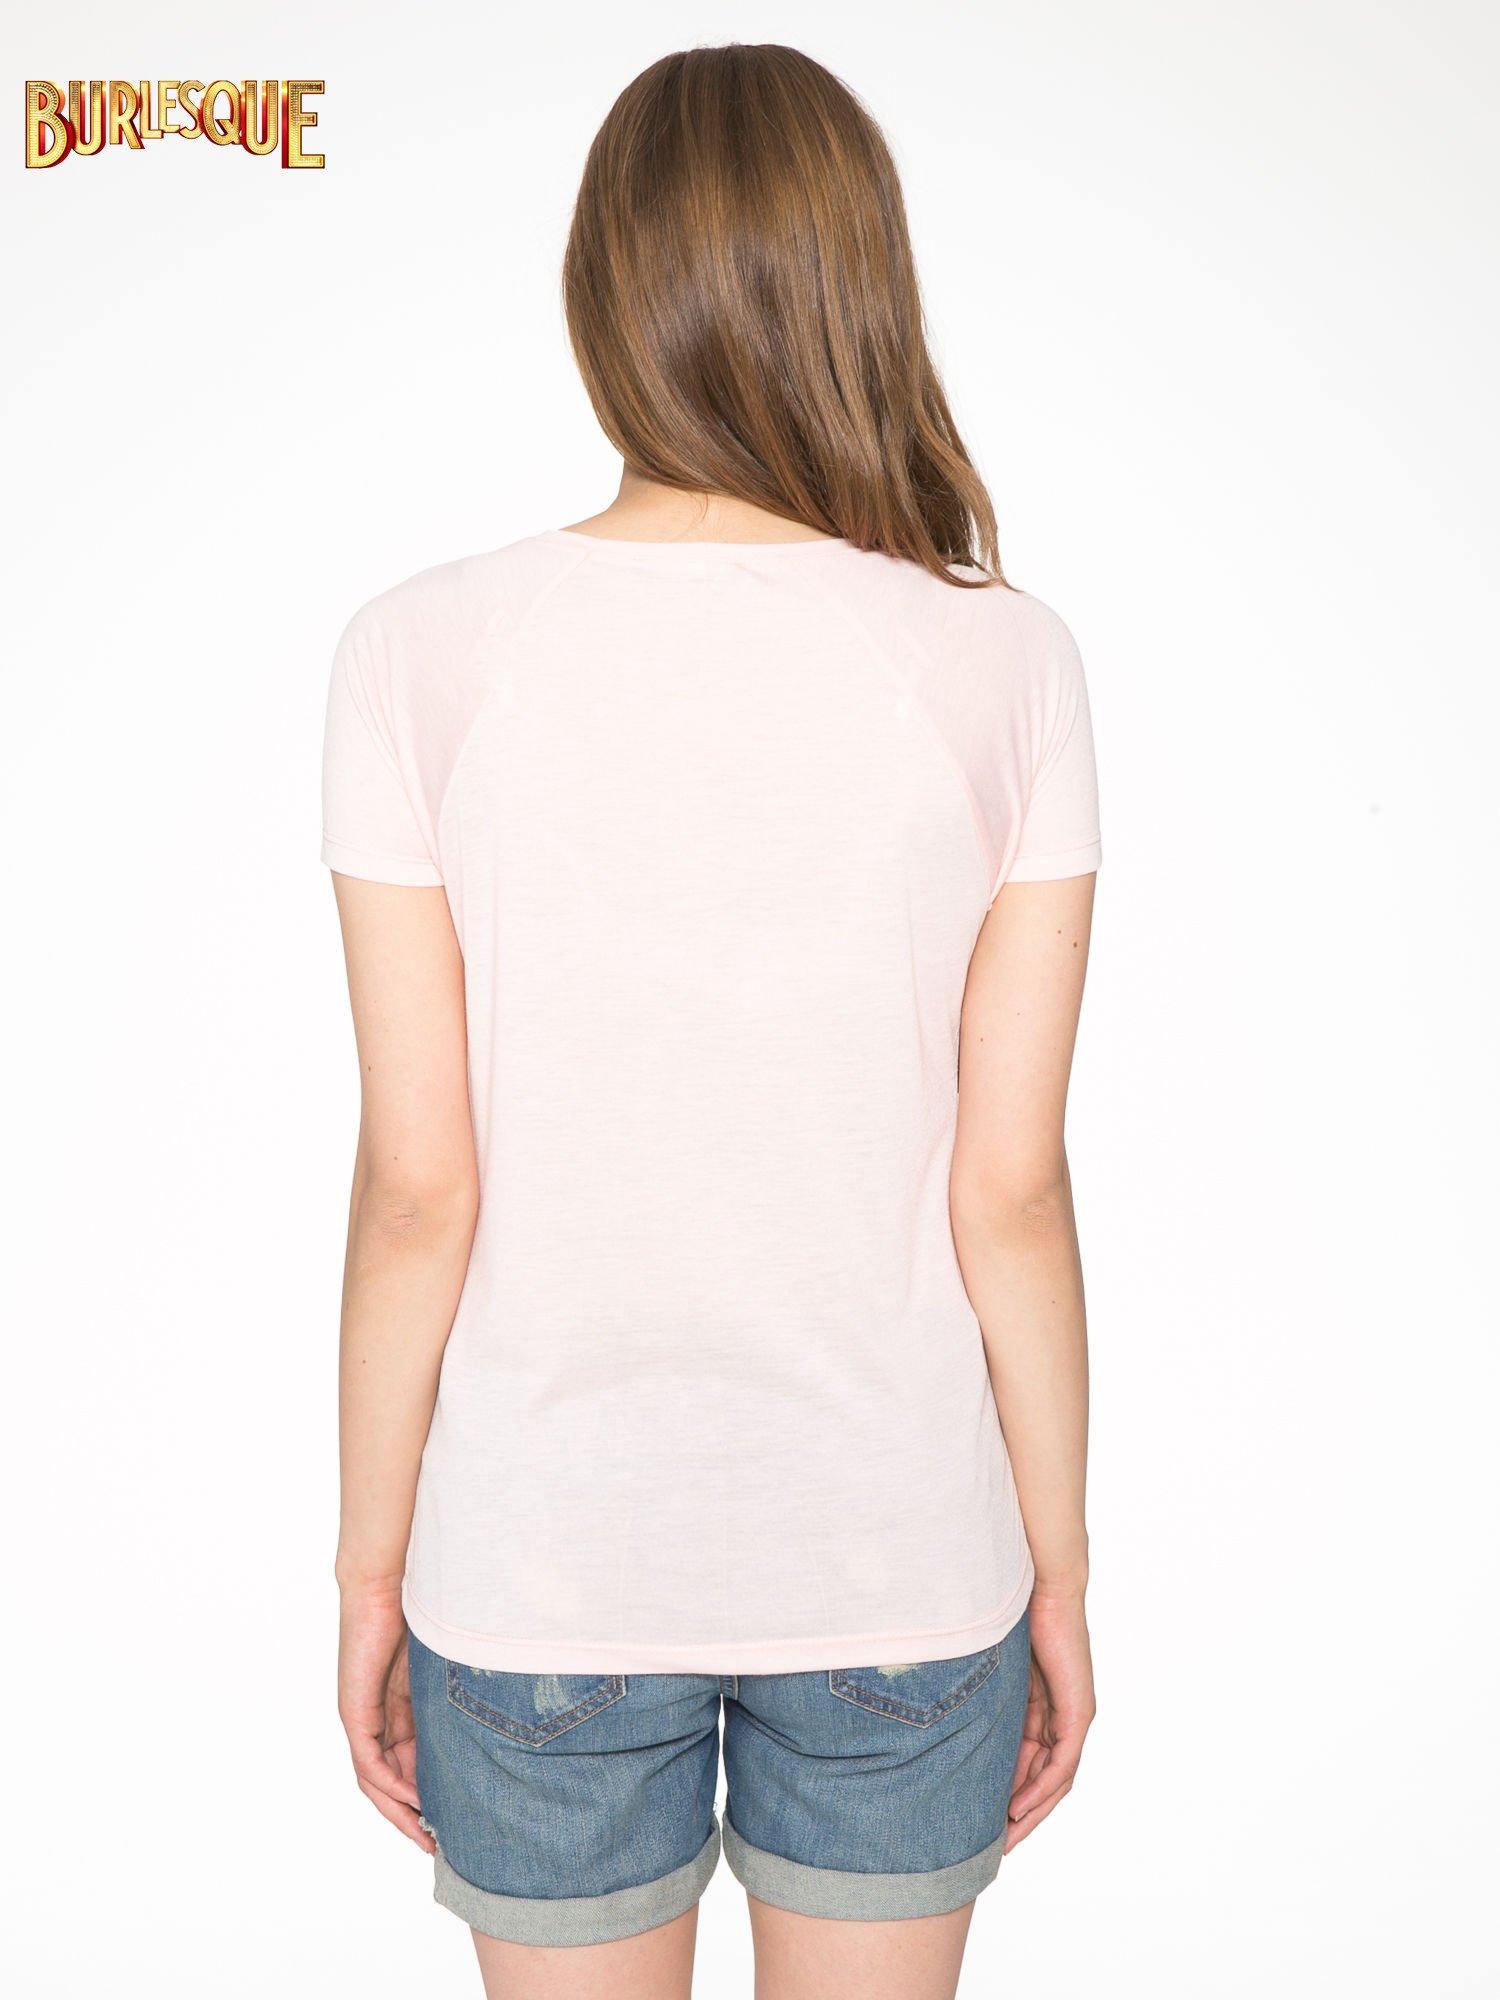 Różowy t-shirt z nadrukiem pejzażu i napisem EXQUISTE z dżetami                                  zdj.                                  4